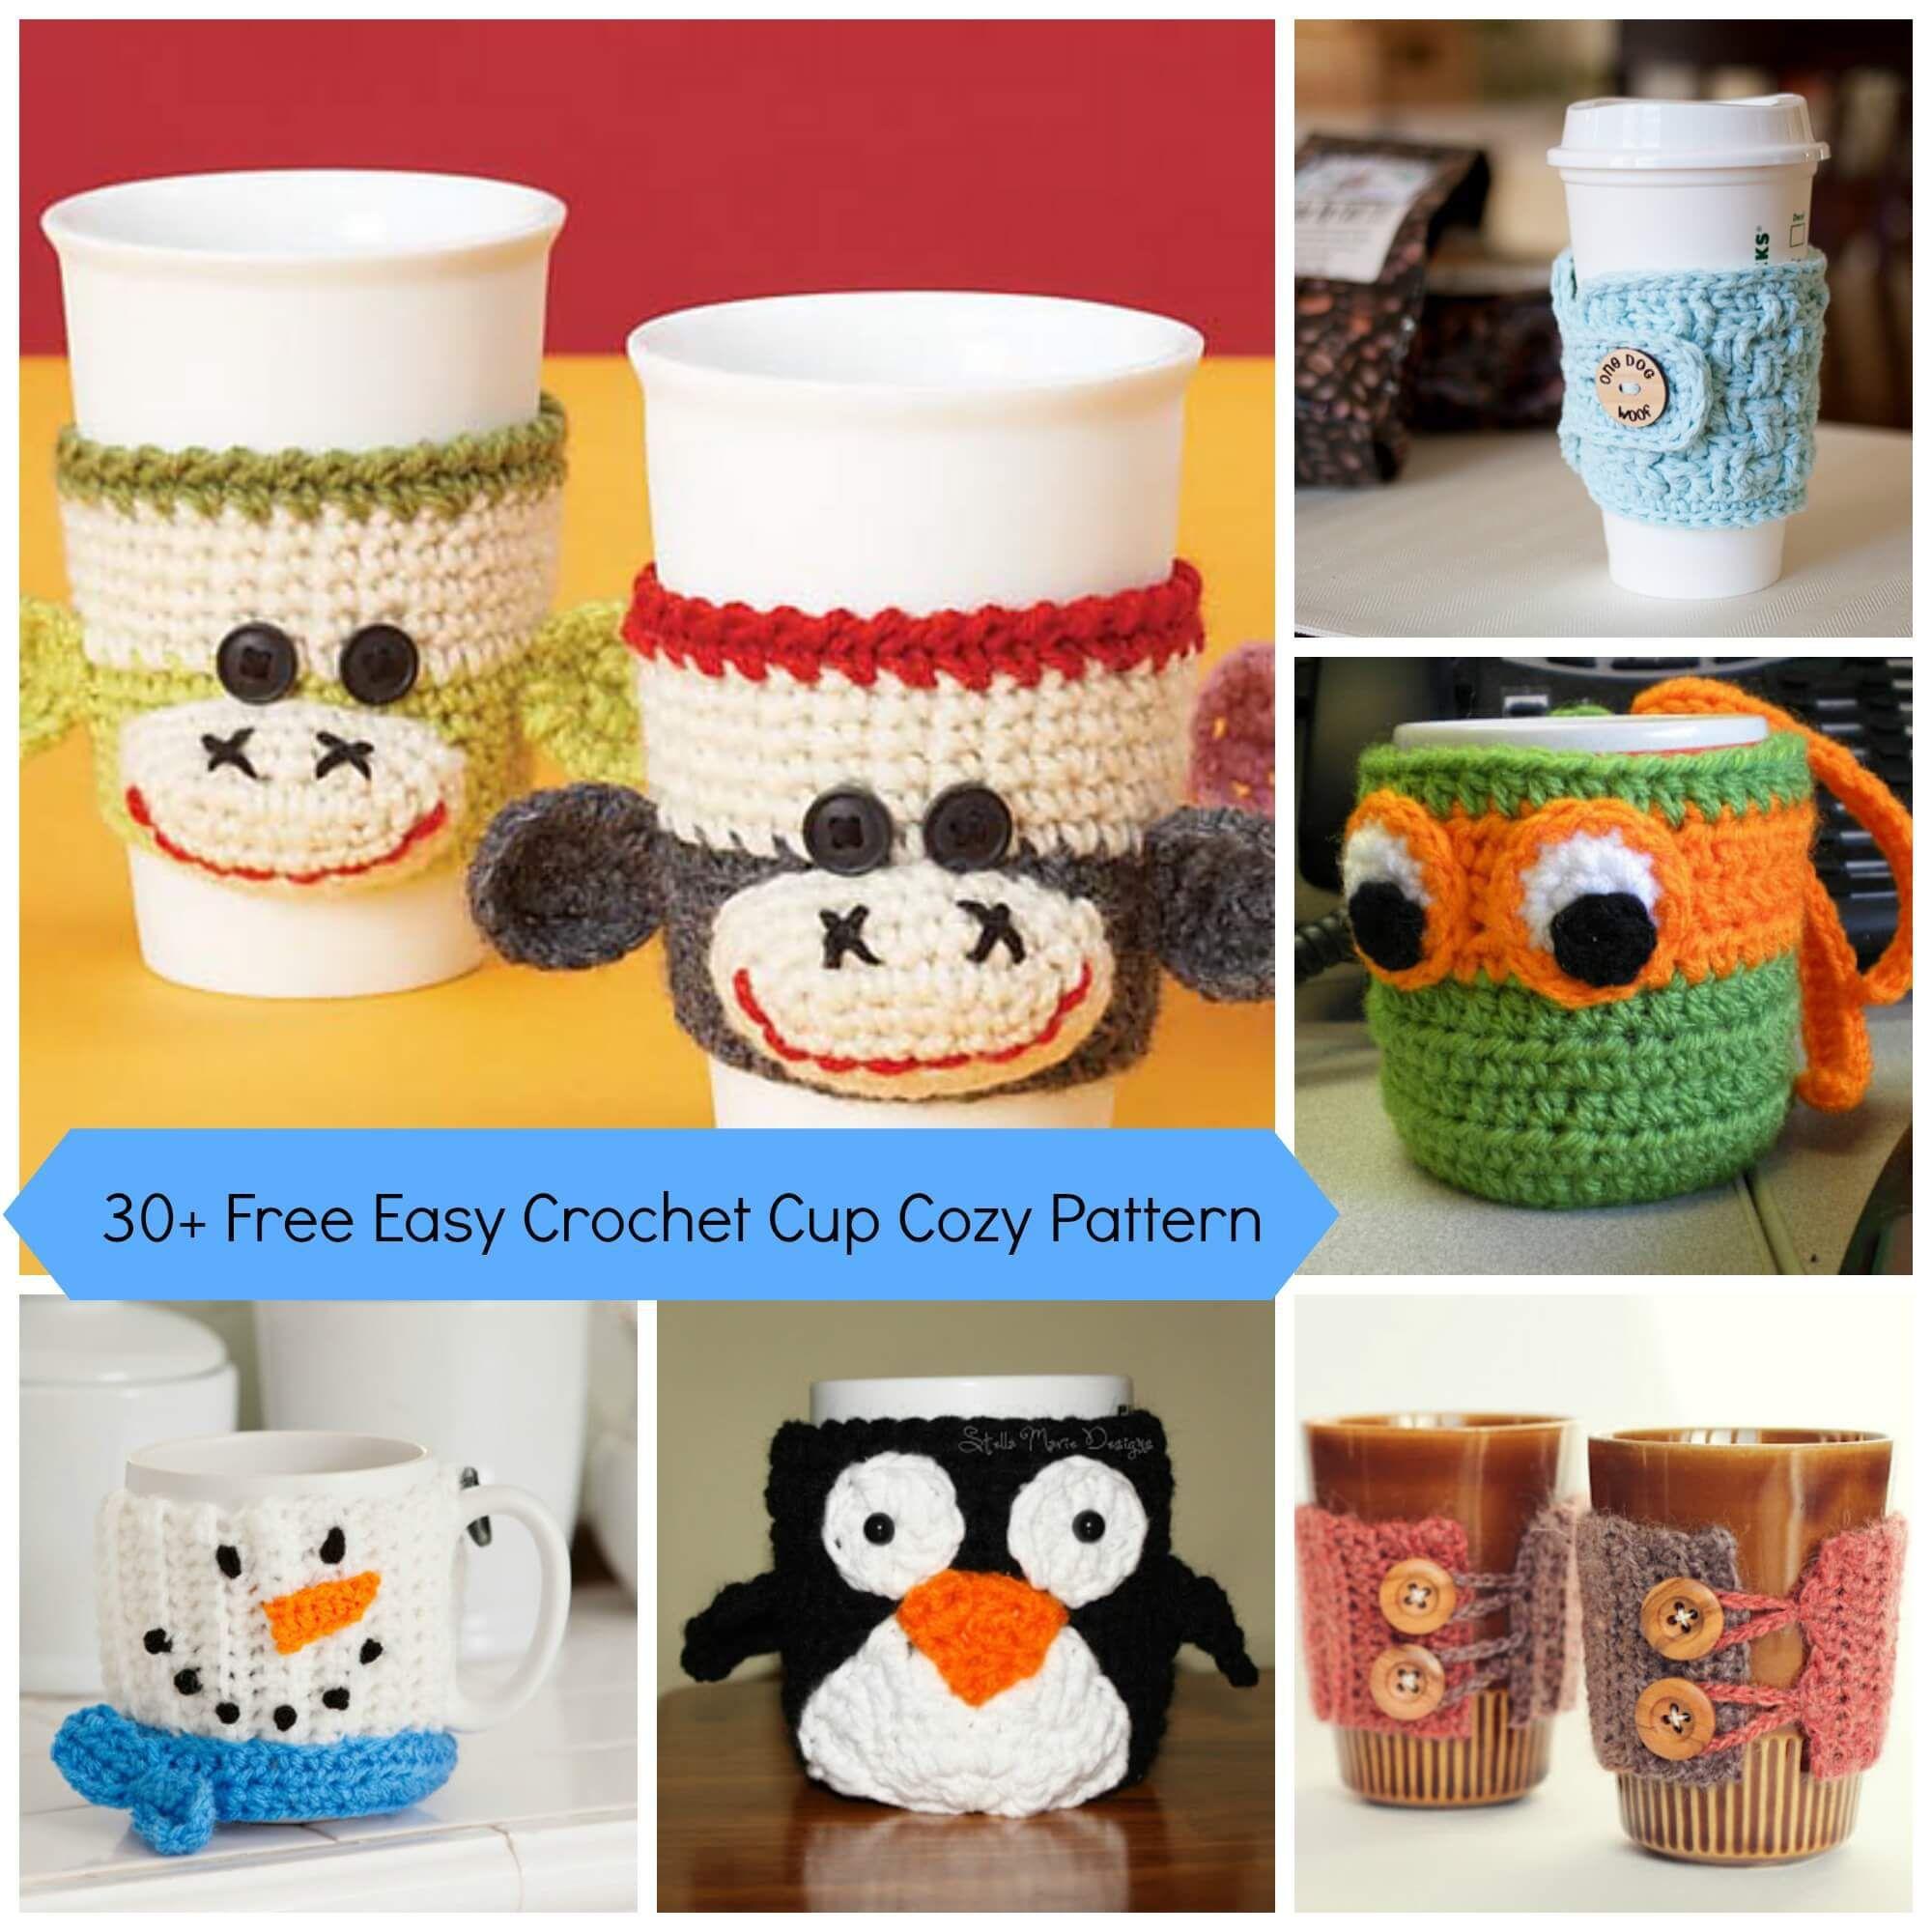 30+ Free Easy Crochet Cup Cozy Pattern | Tığ desenleri | Pinterest ...